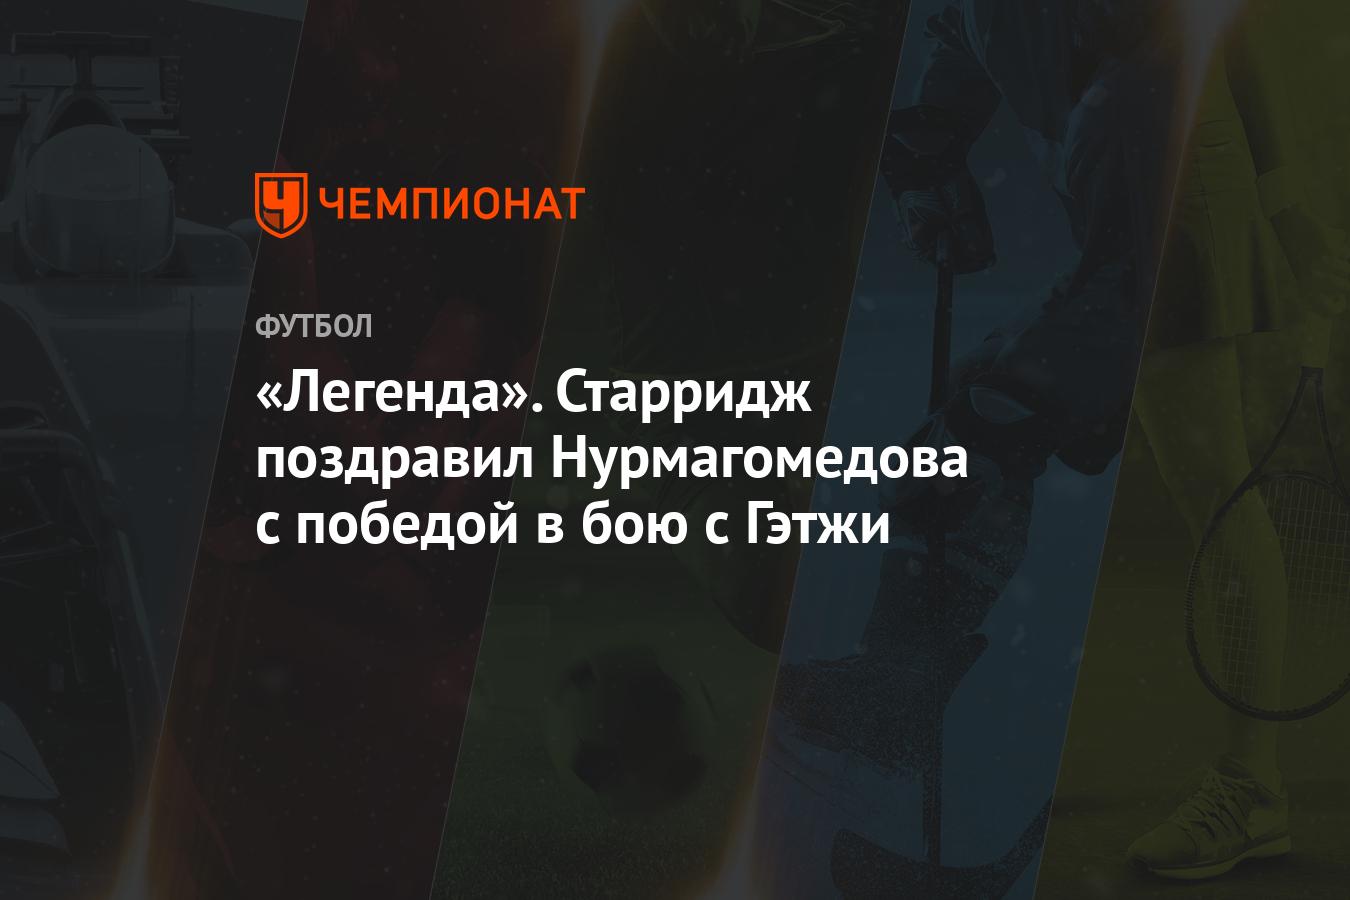 «Легенда». Старридж поздравил Нурмагомедова с победой в бою с Гэтжи